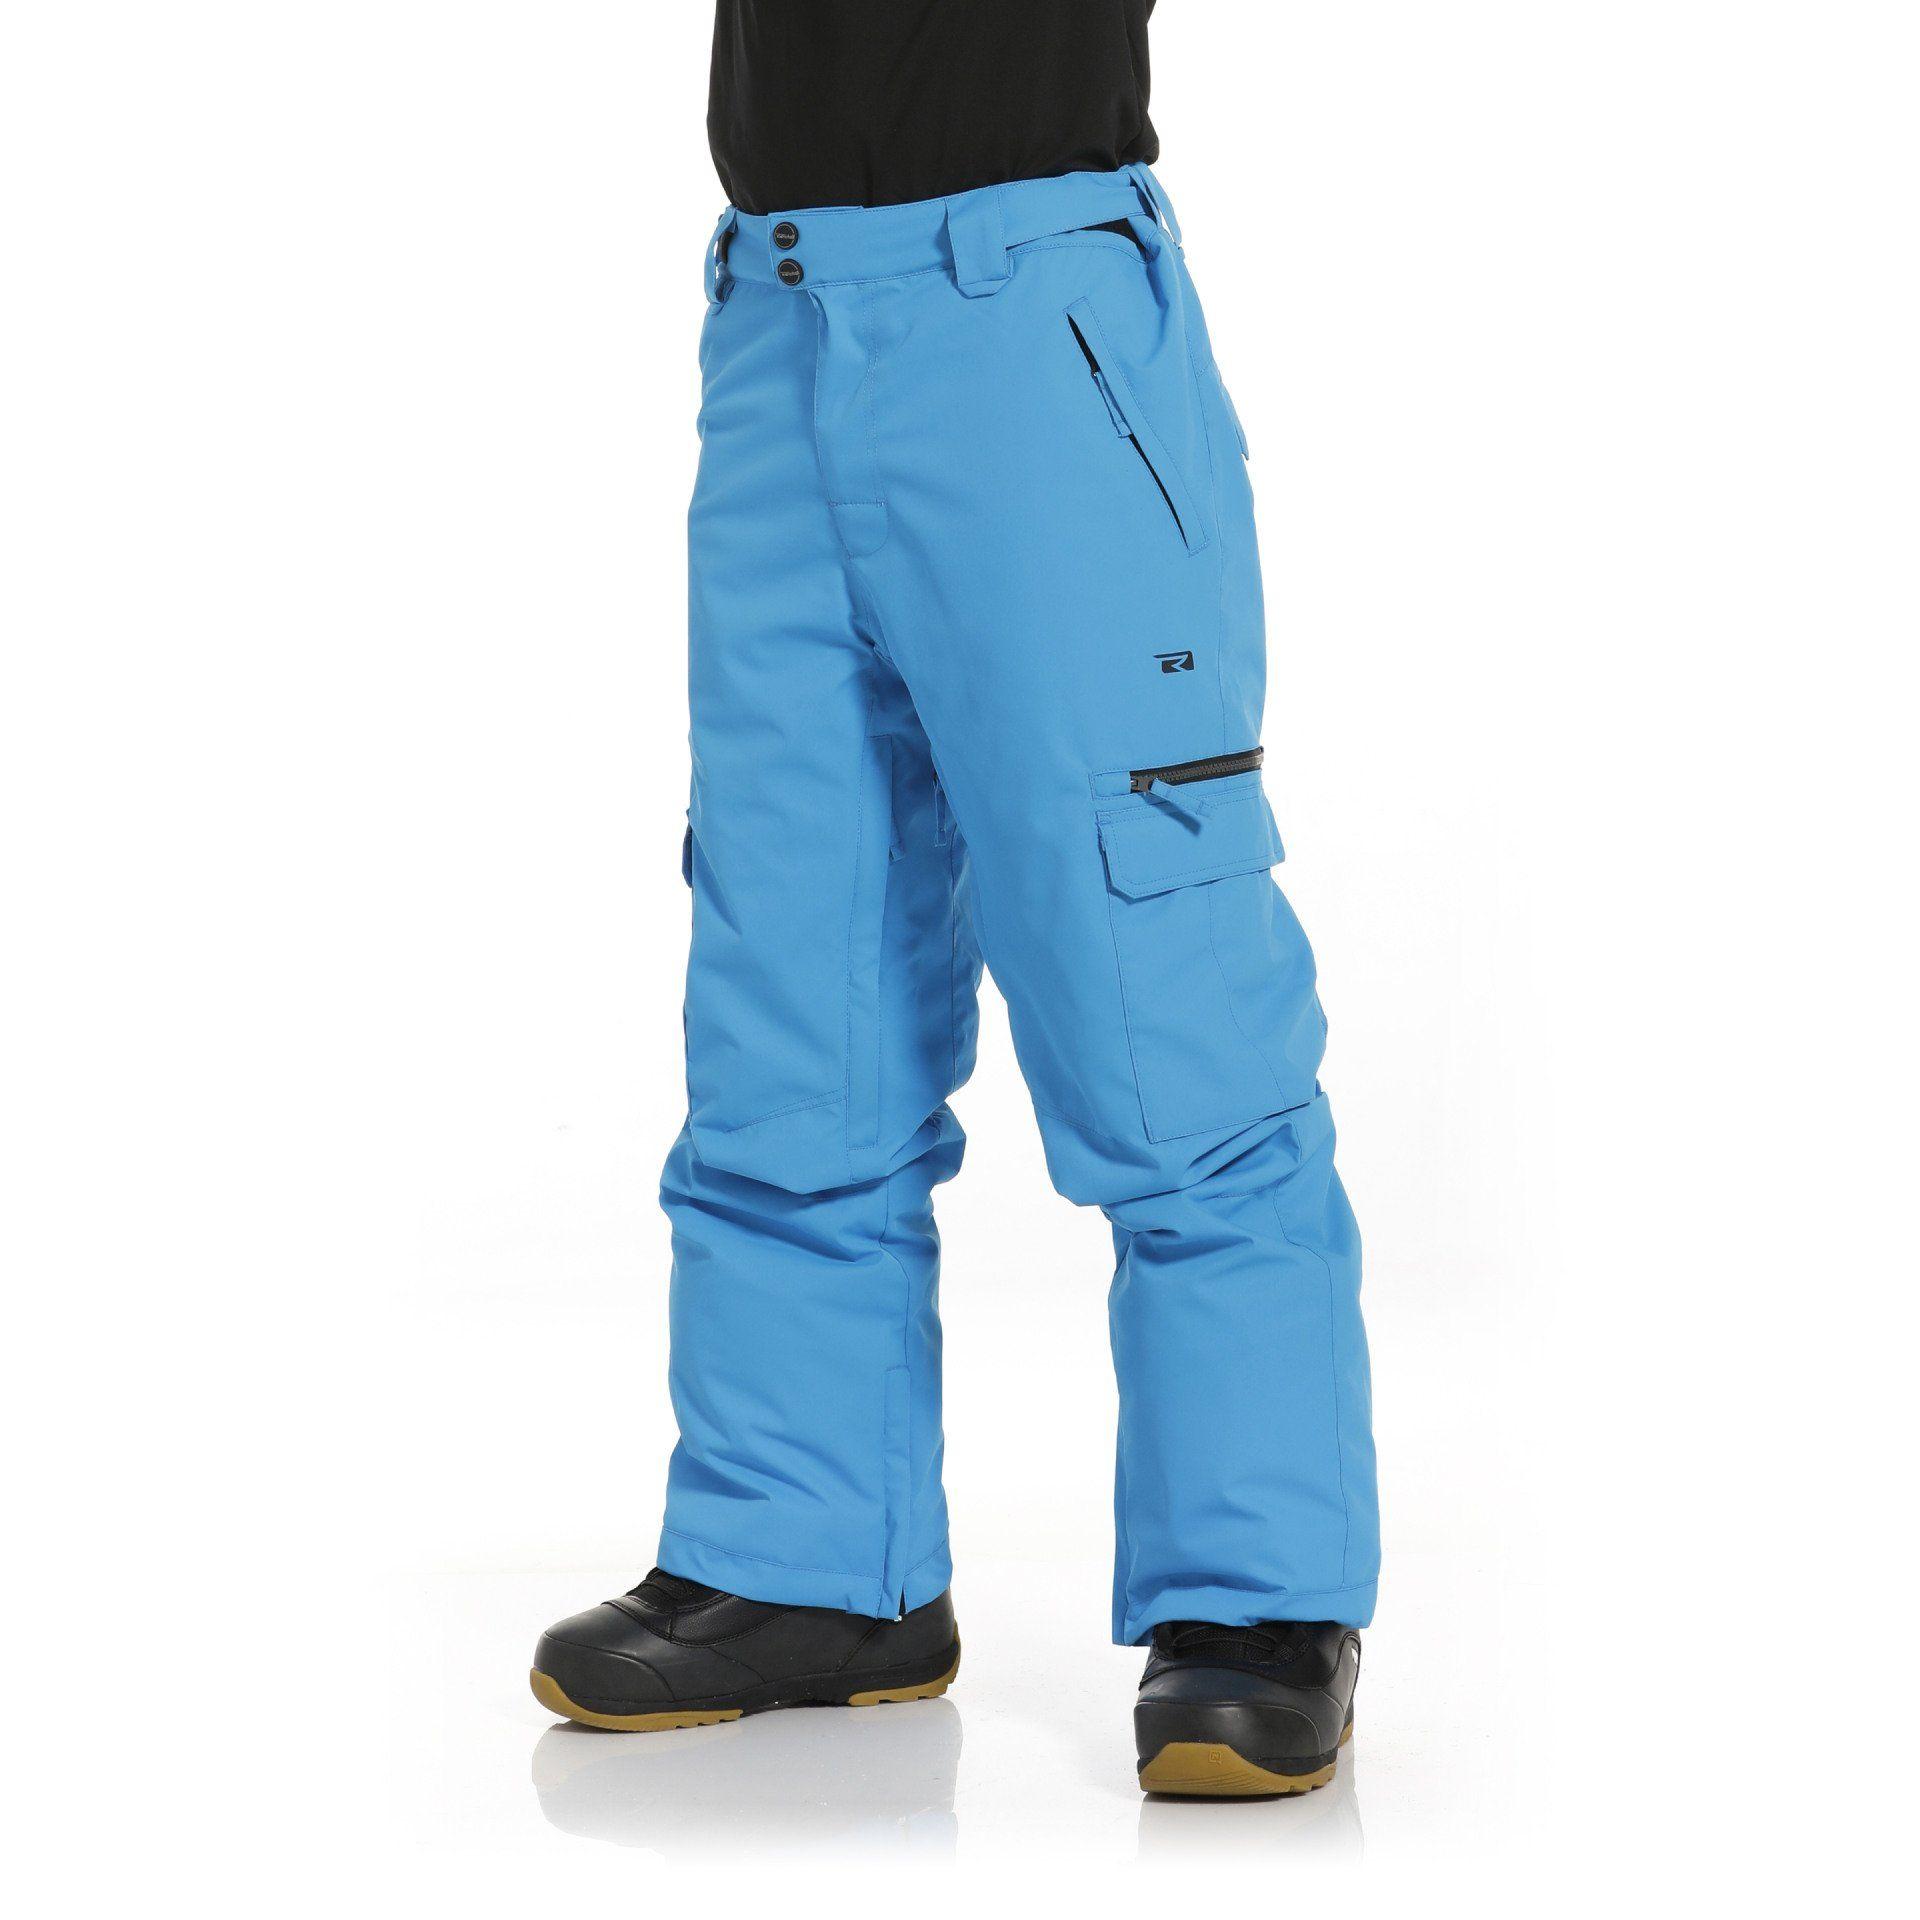 SPODNIE REHALL RIDE-R 60017|3001 ULTRA BLUE